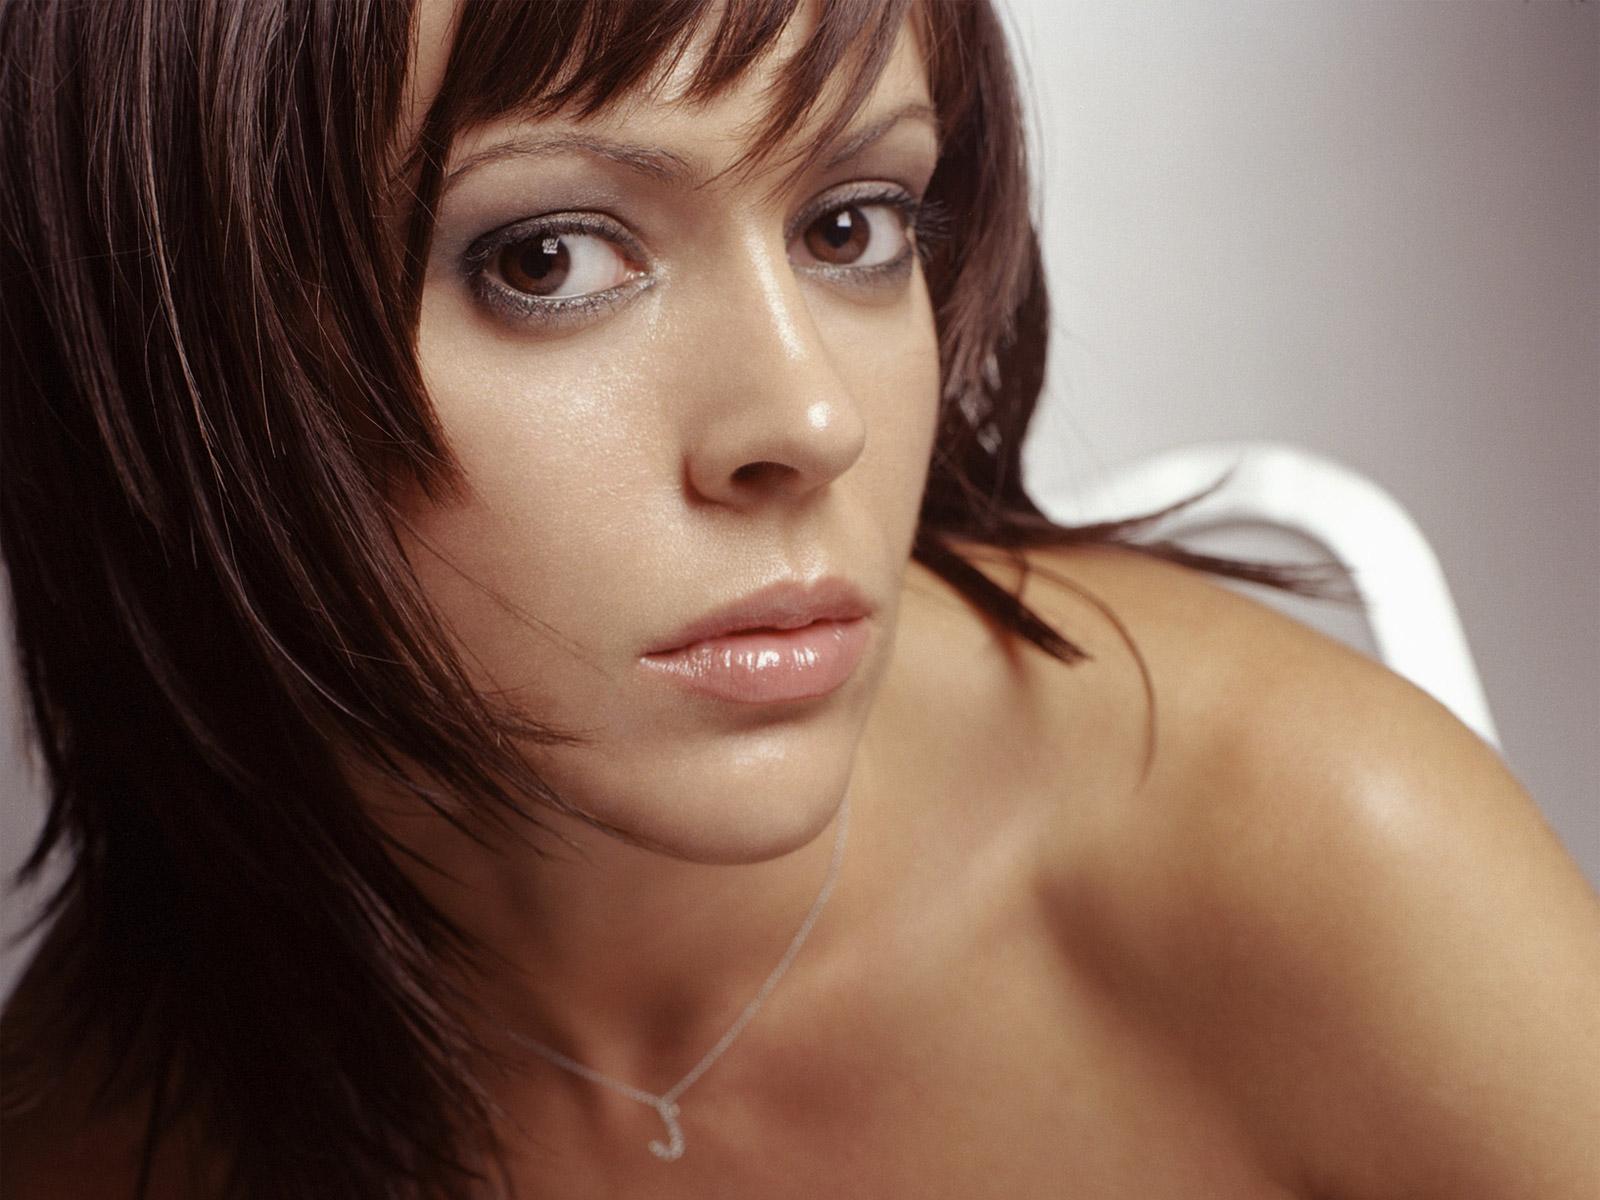 Alyssa Milano Charmed Hot